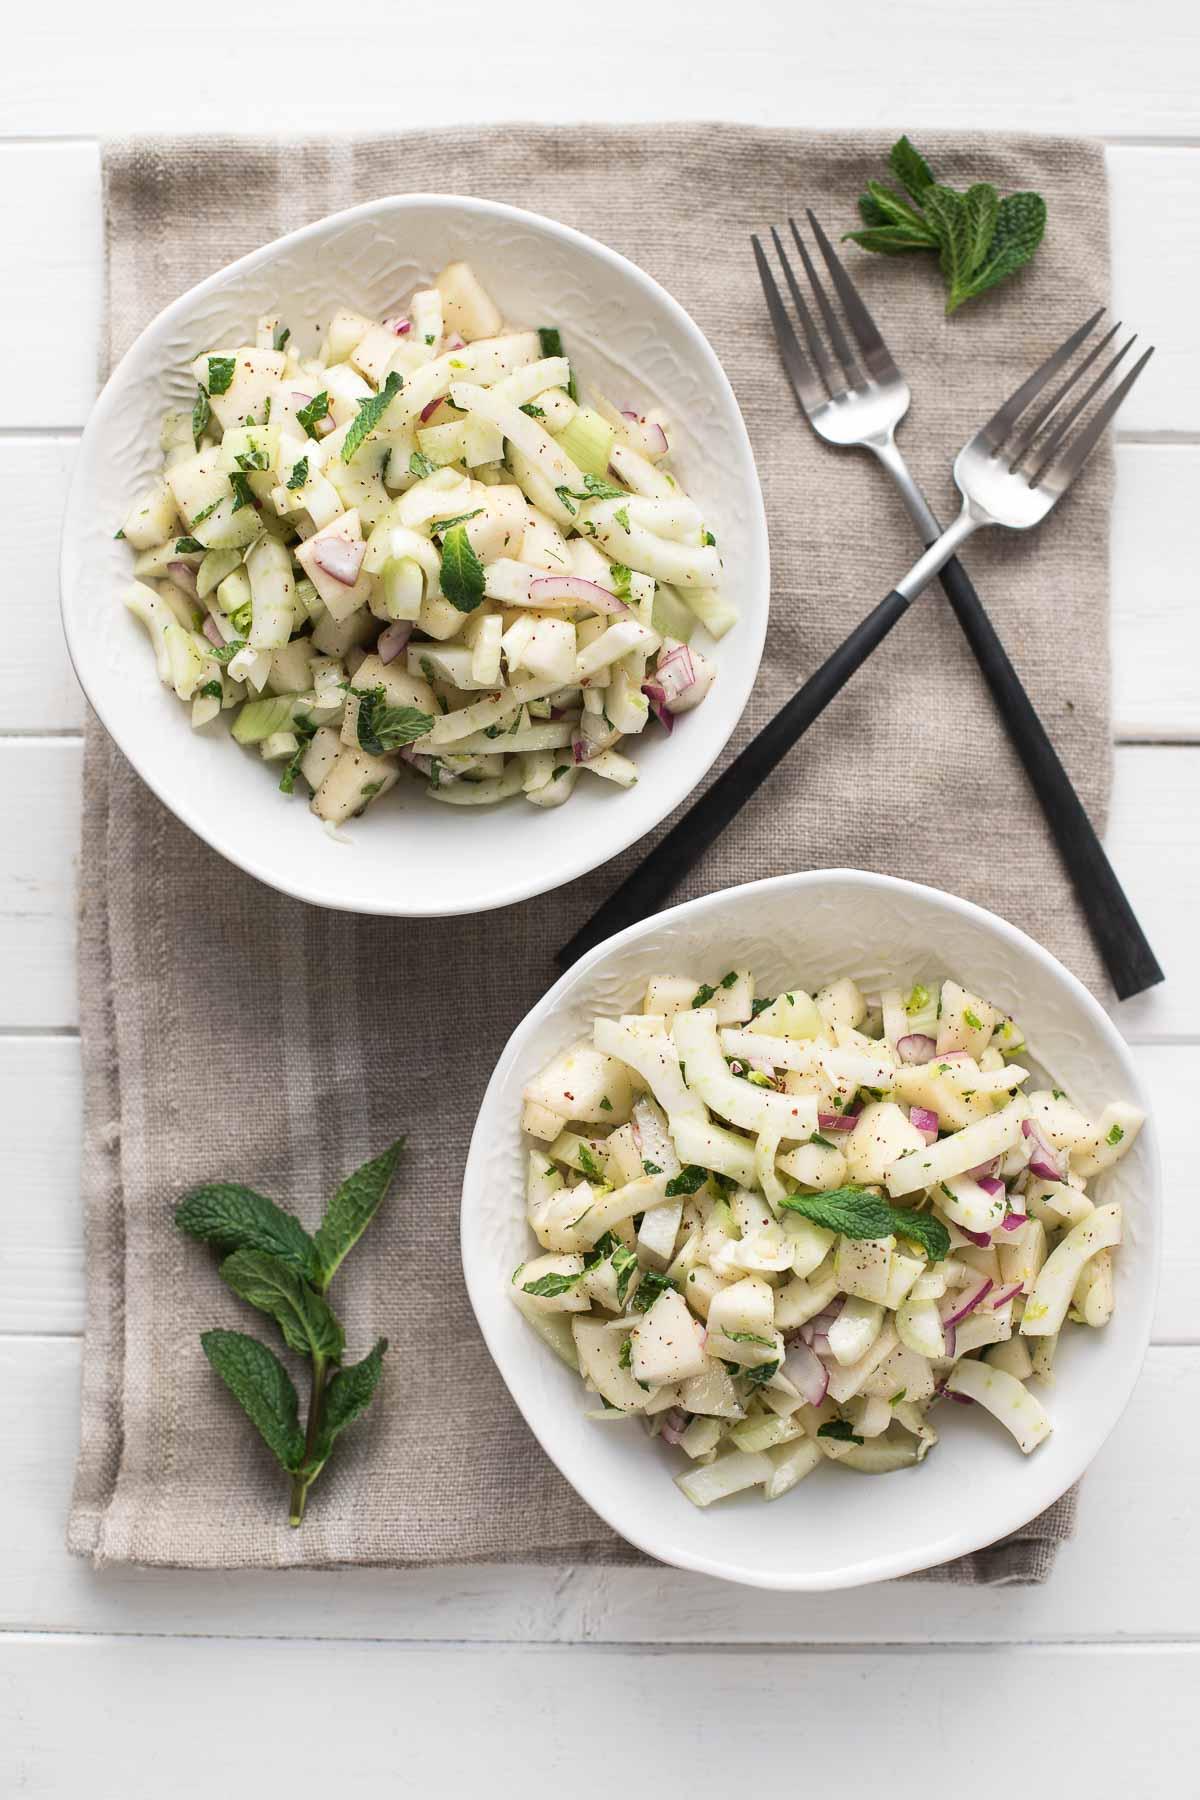 Pear Fennel Salad with Mint & Sumac